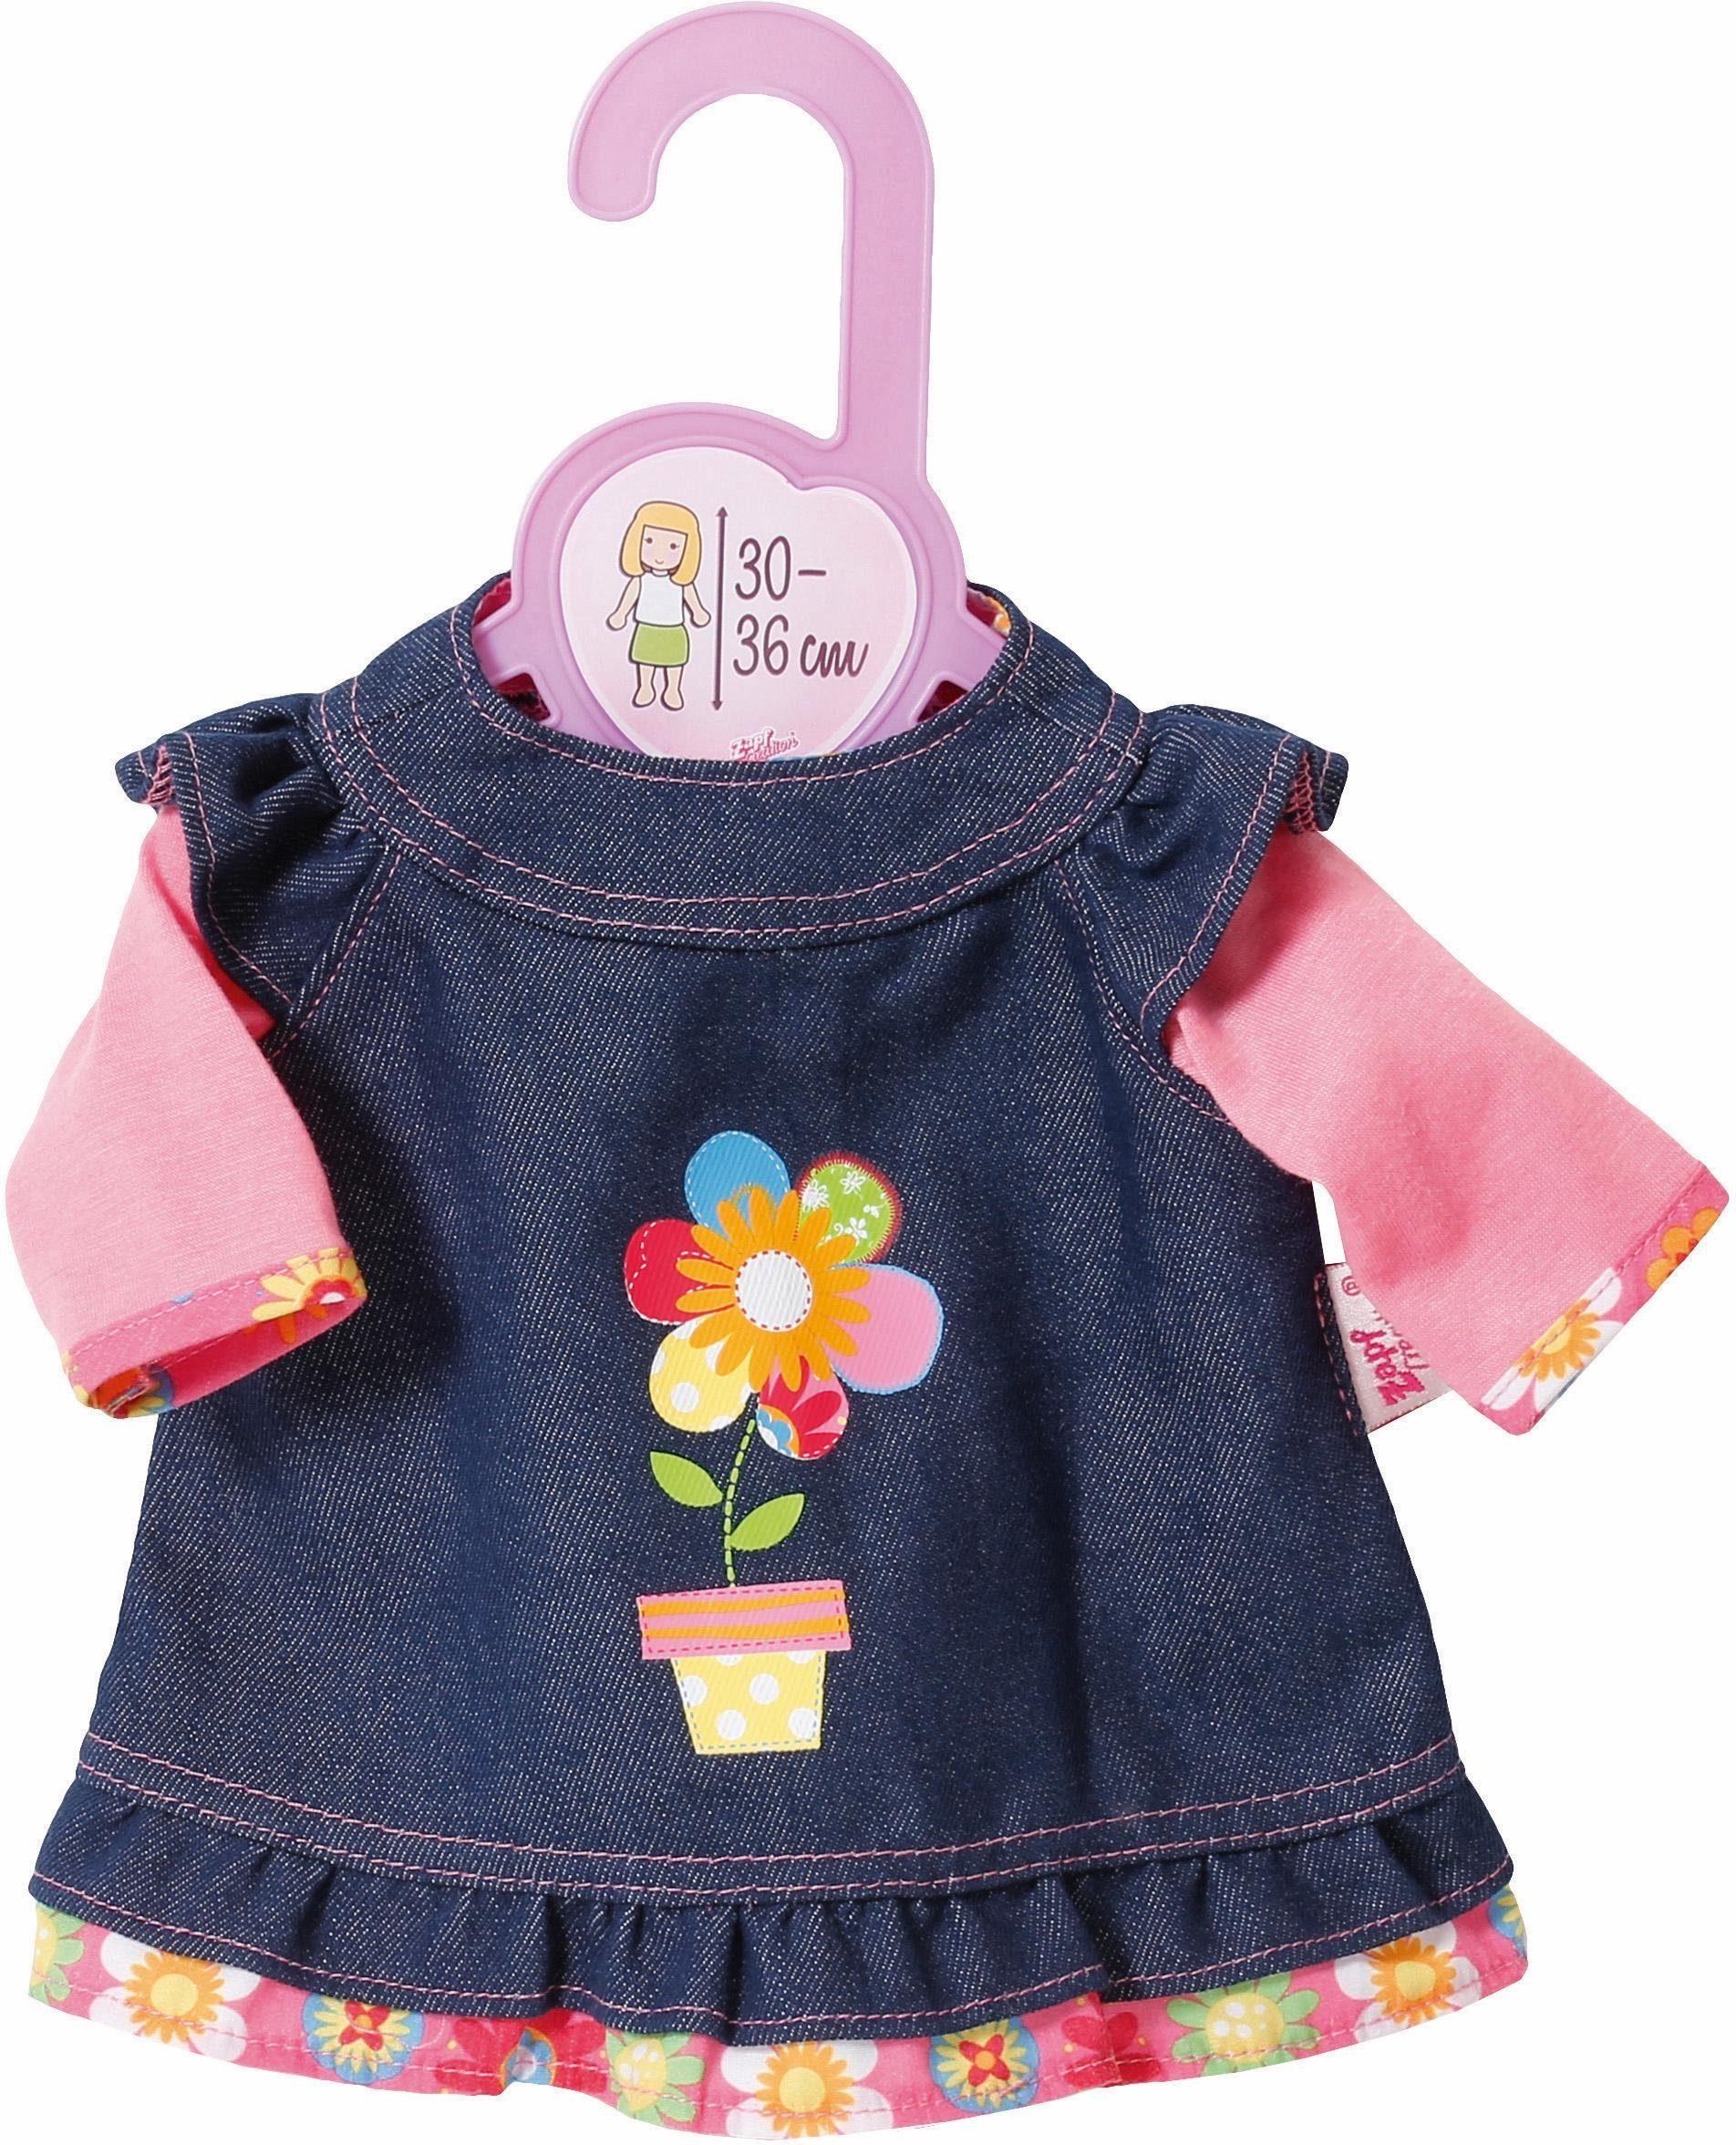 Zapf Creation Puppenbekleidung Größe 30-36 cm, »Dolly Moda Jeanskleid«